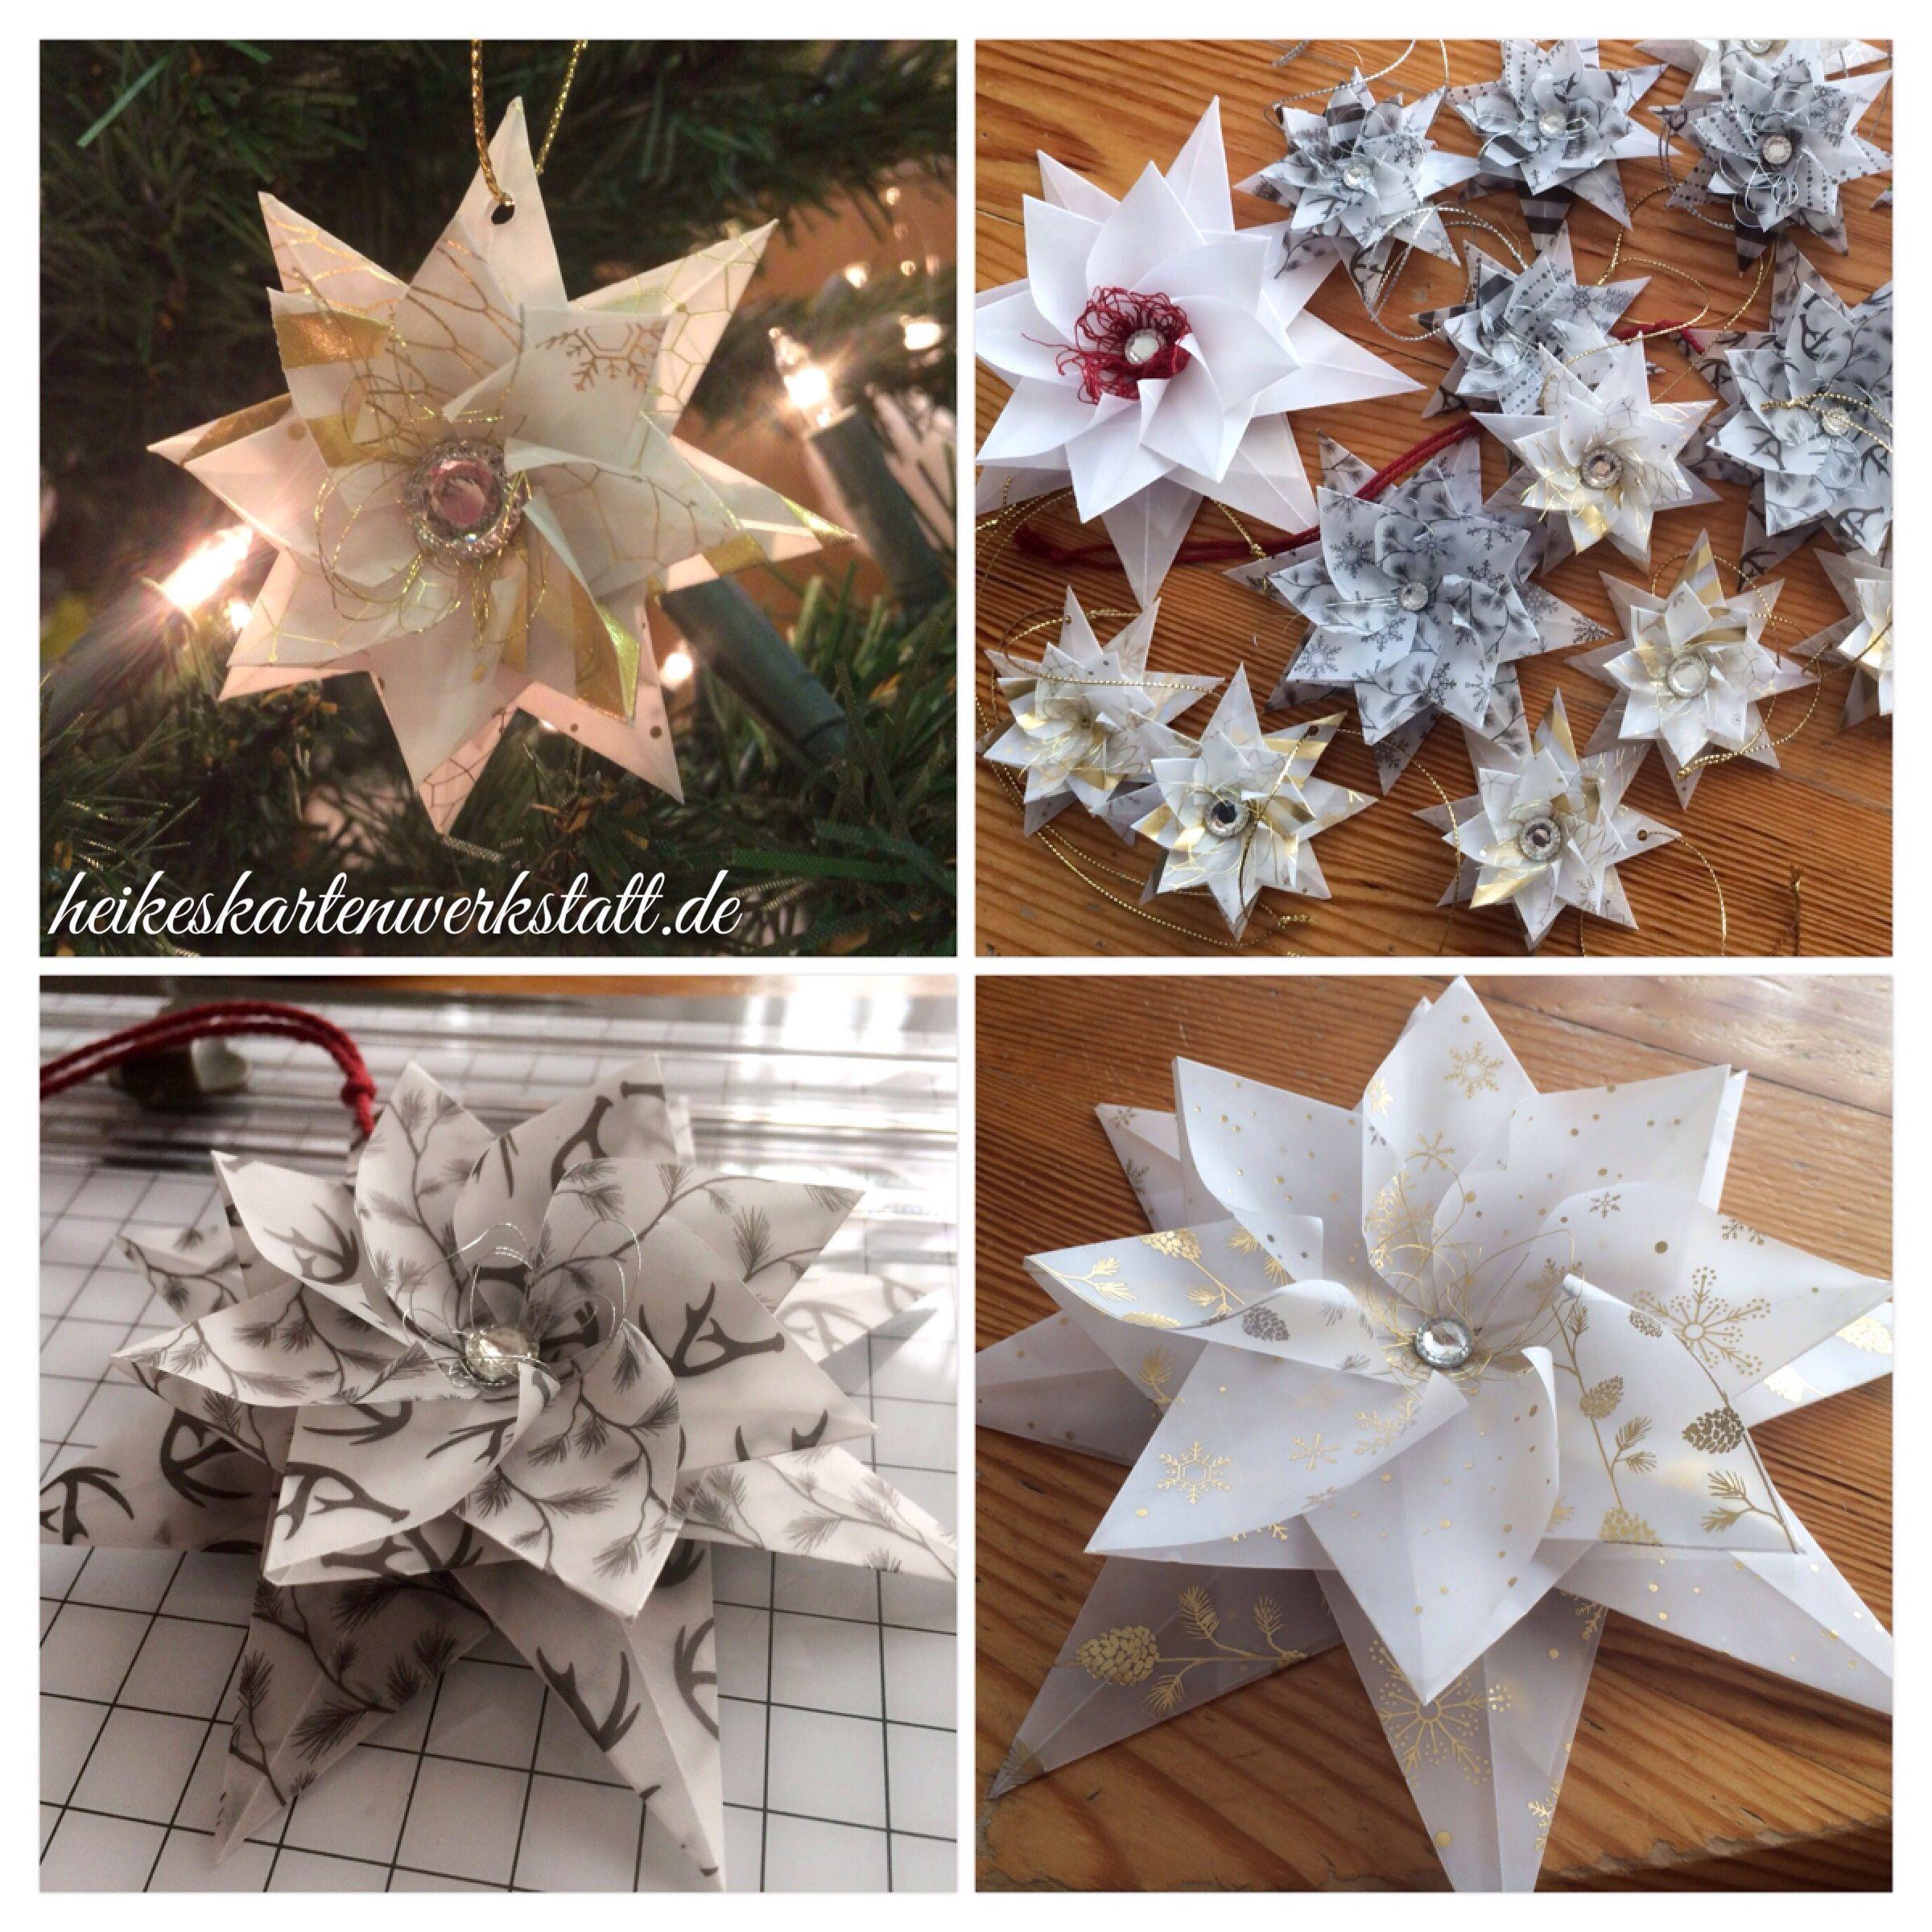 Weihnachts Origami Stern Basteln Weihnachten Weihnachtsbasteln Origami Weihnachten